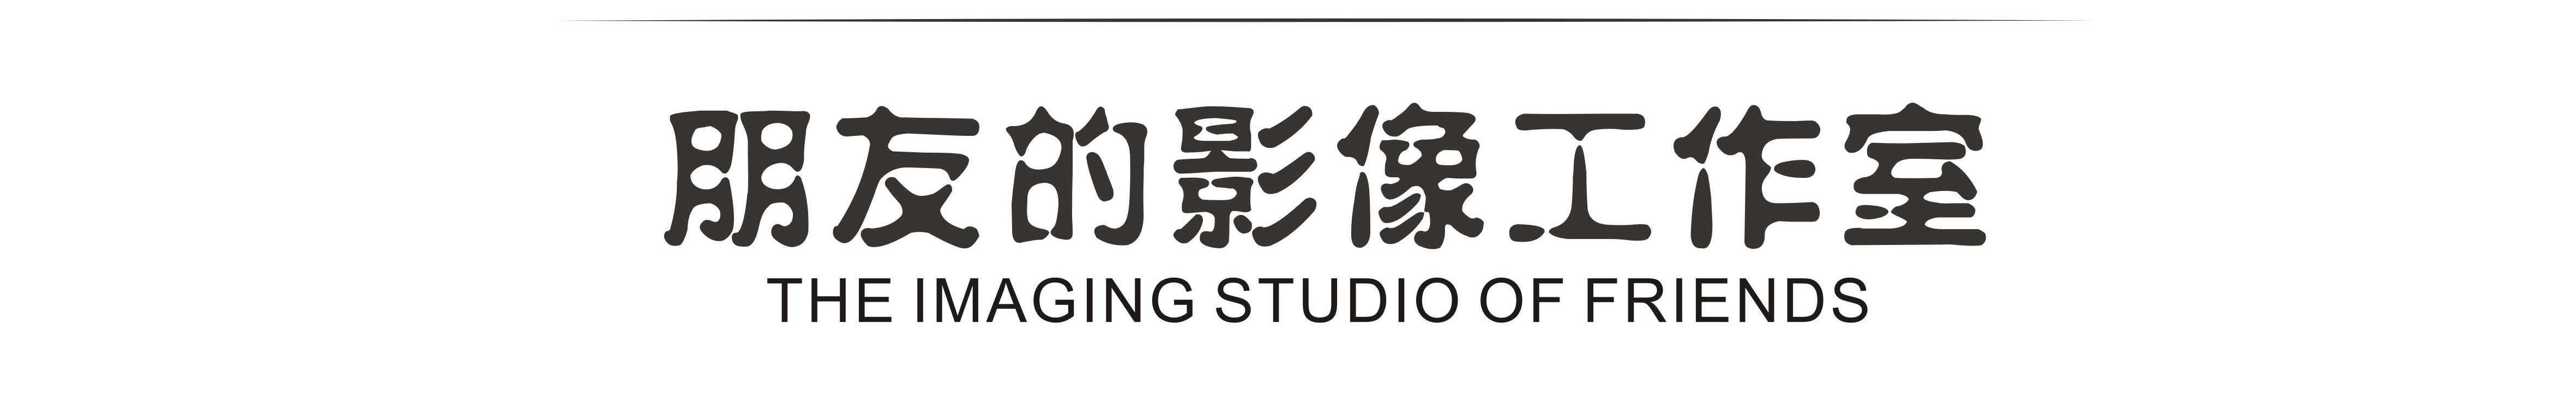 朋友的影像工作室 banner